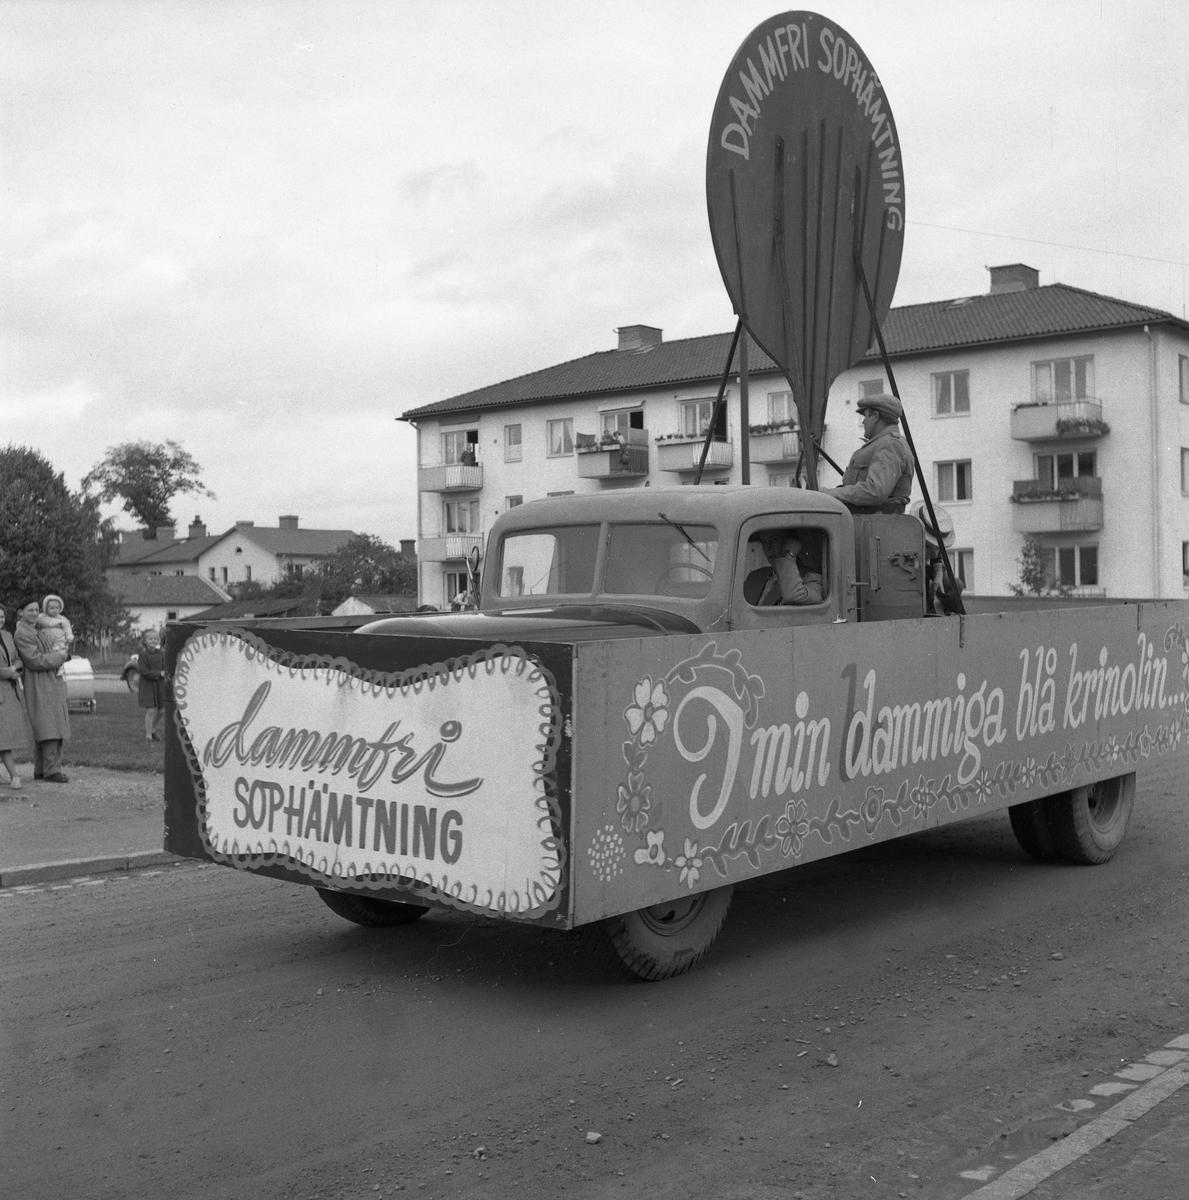 """Barnens Dag firas med en parad genom staden. En lastbil med texten """"dammfri sophämtning"""". En man är chaufför och en man står på flaket."""